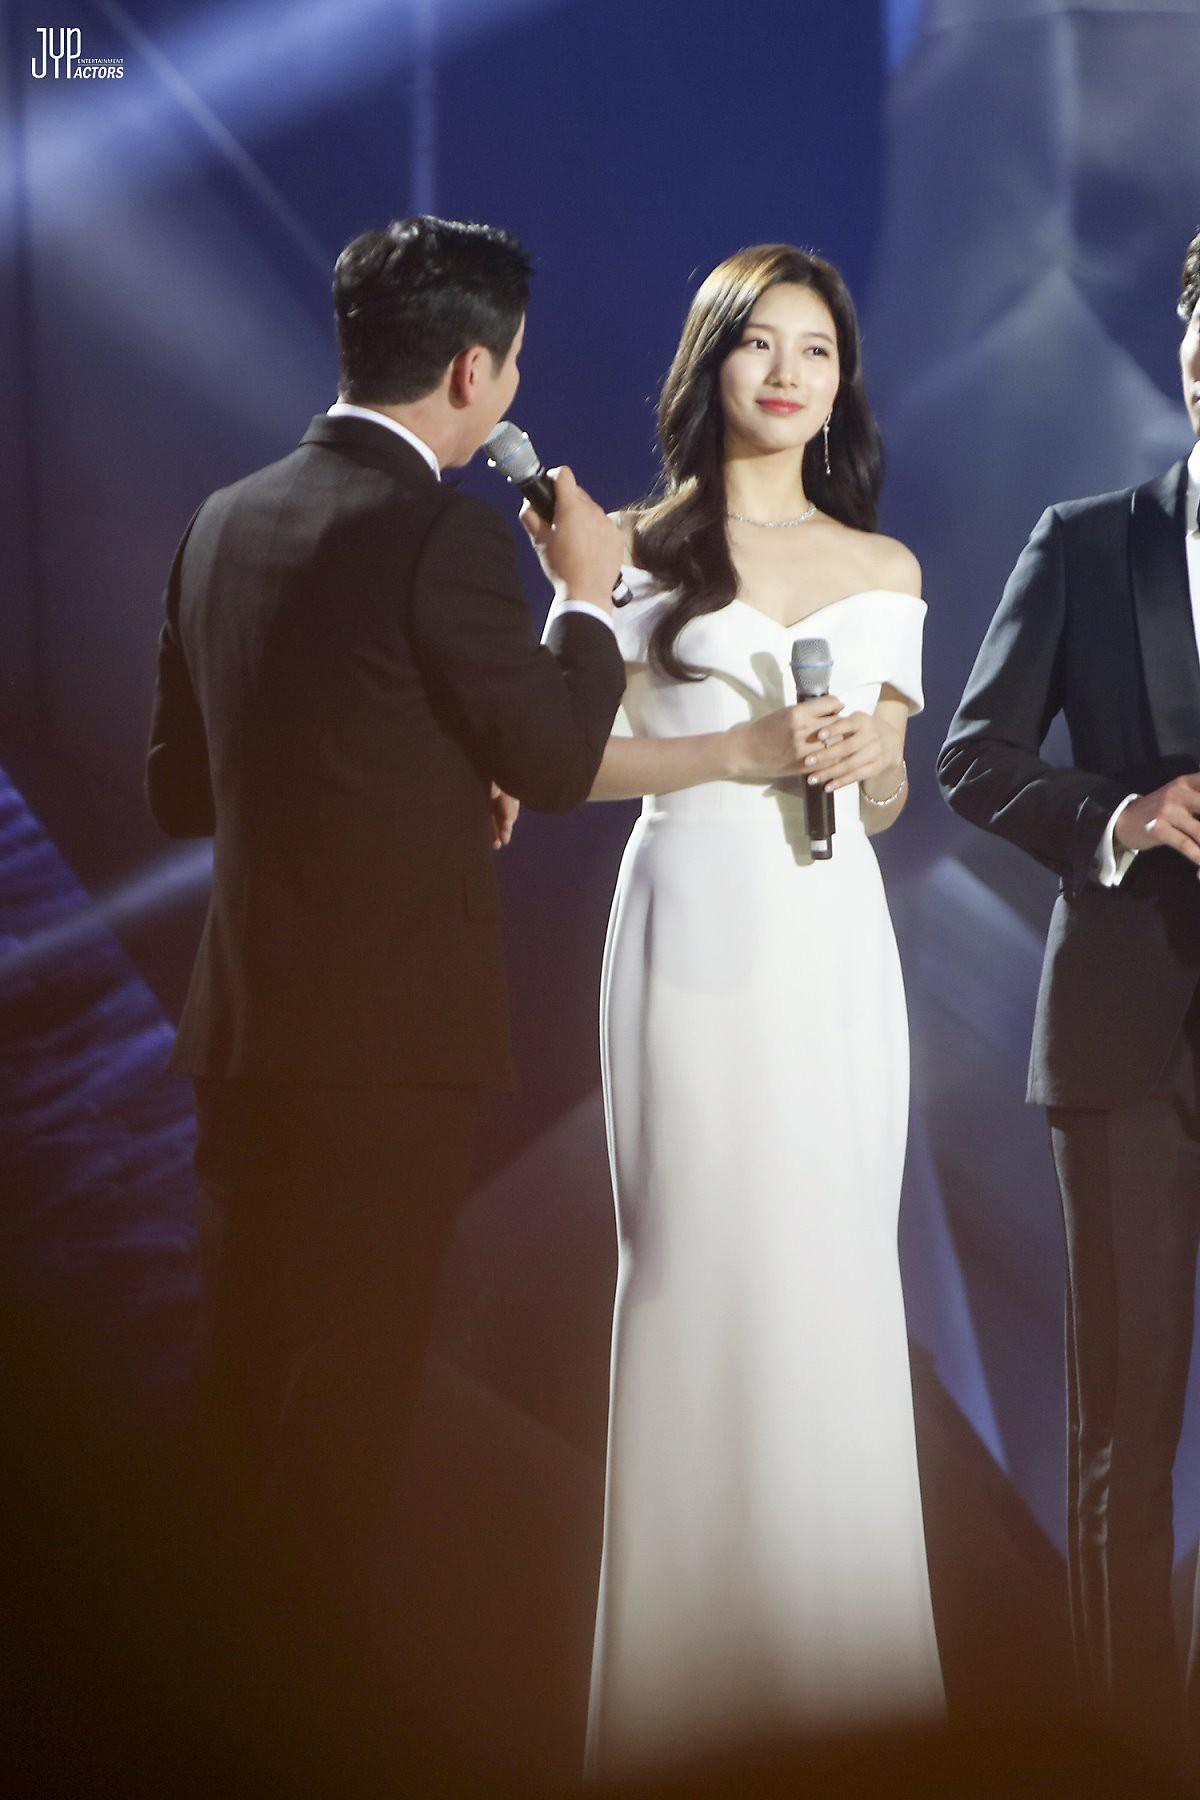 Hình hậu trường nóng hổi của Suzy tại Baeksang: Sải bước ở hầm để xe mà sang như bà hoàng, đẹp hơn cả đi thảm đỏ - Ảnh 12.